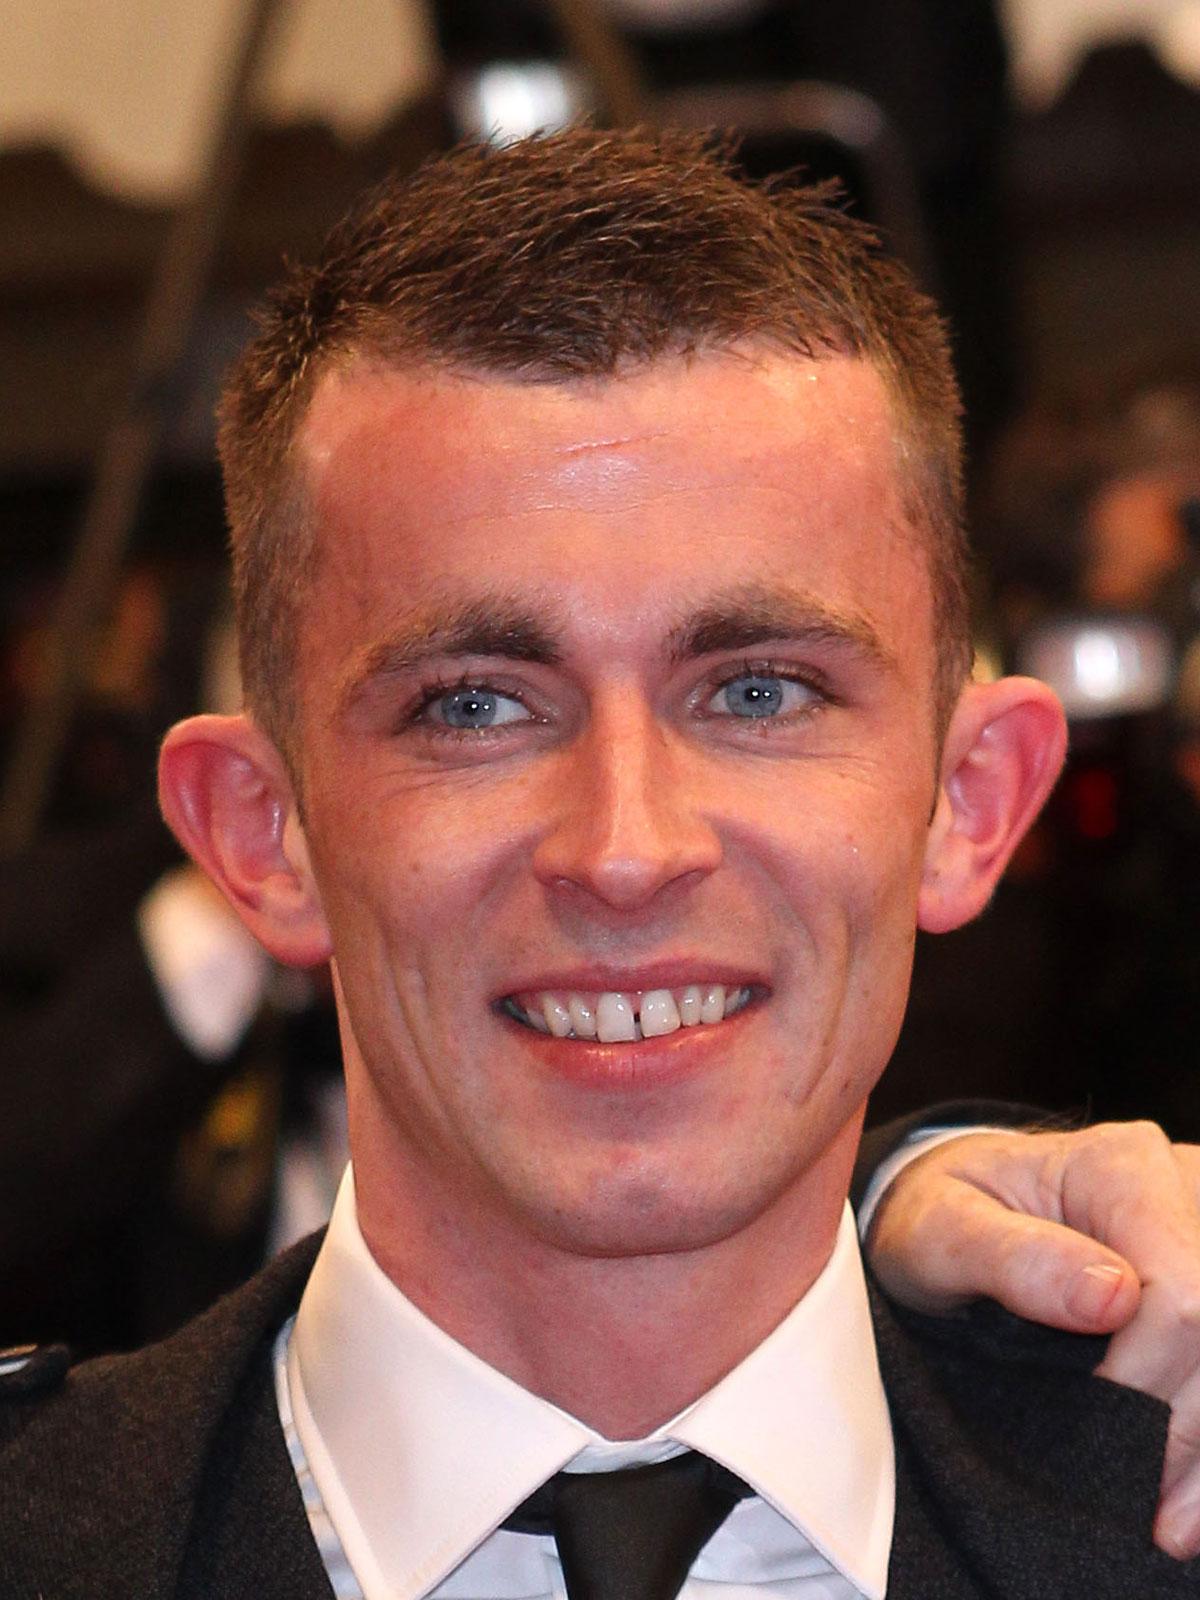 Paul Brannigan